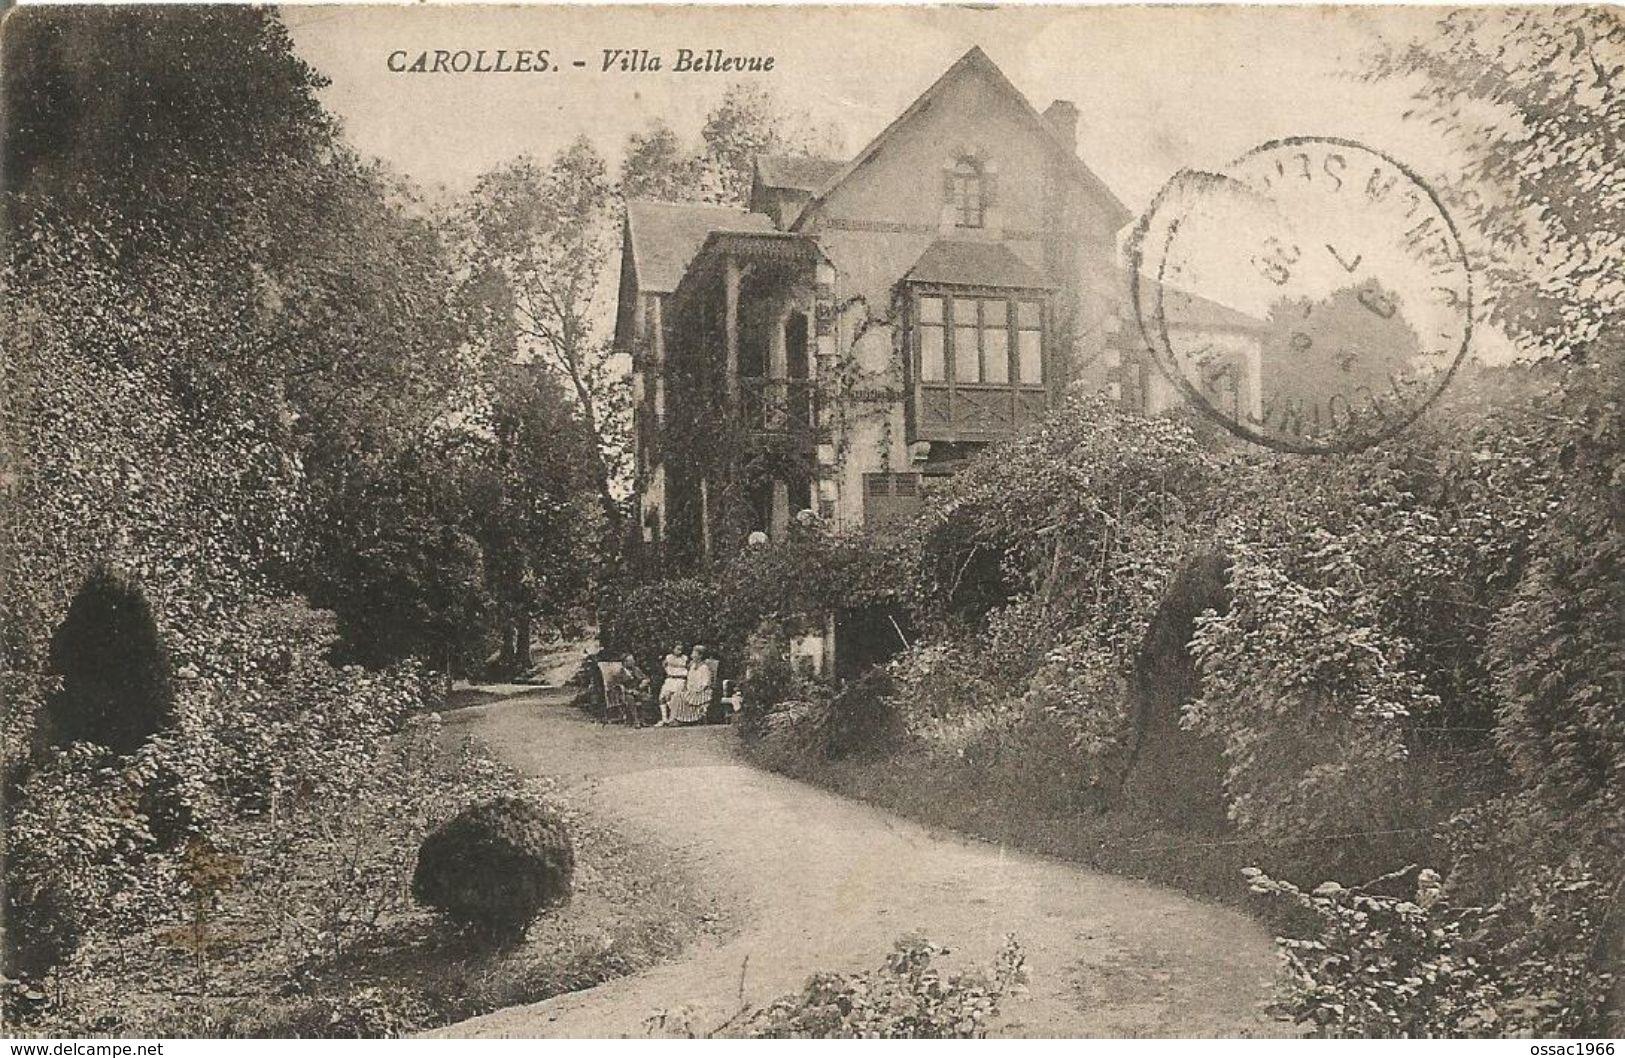 50 CAROLLES Villa Bellevue - Altri Comuni